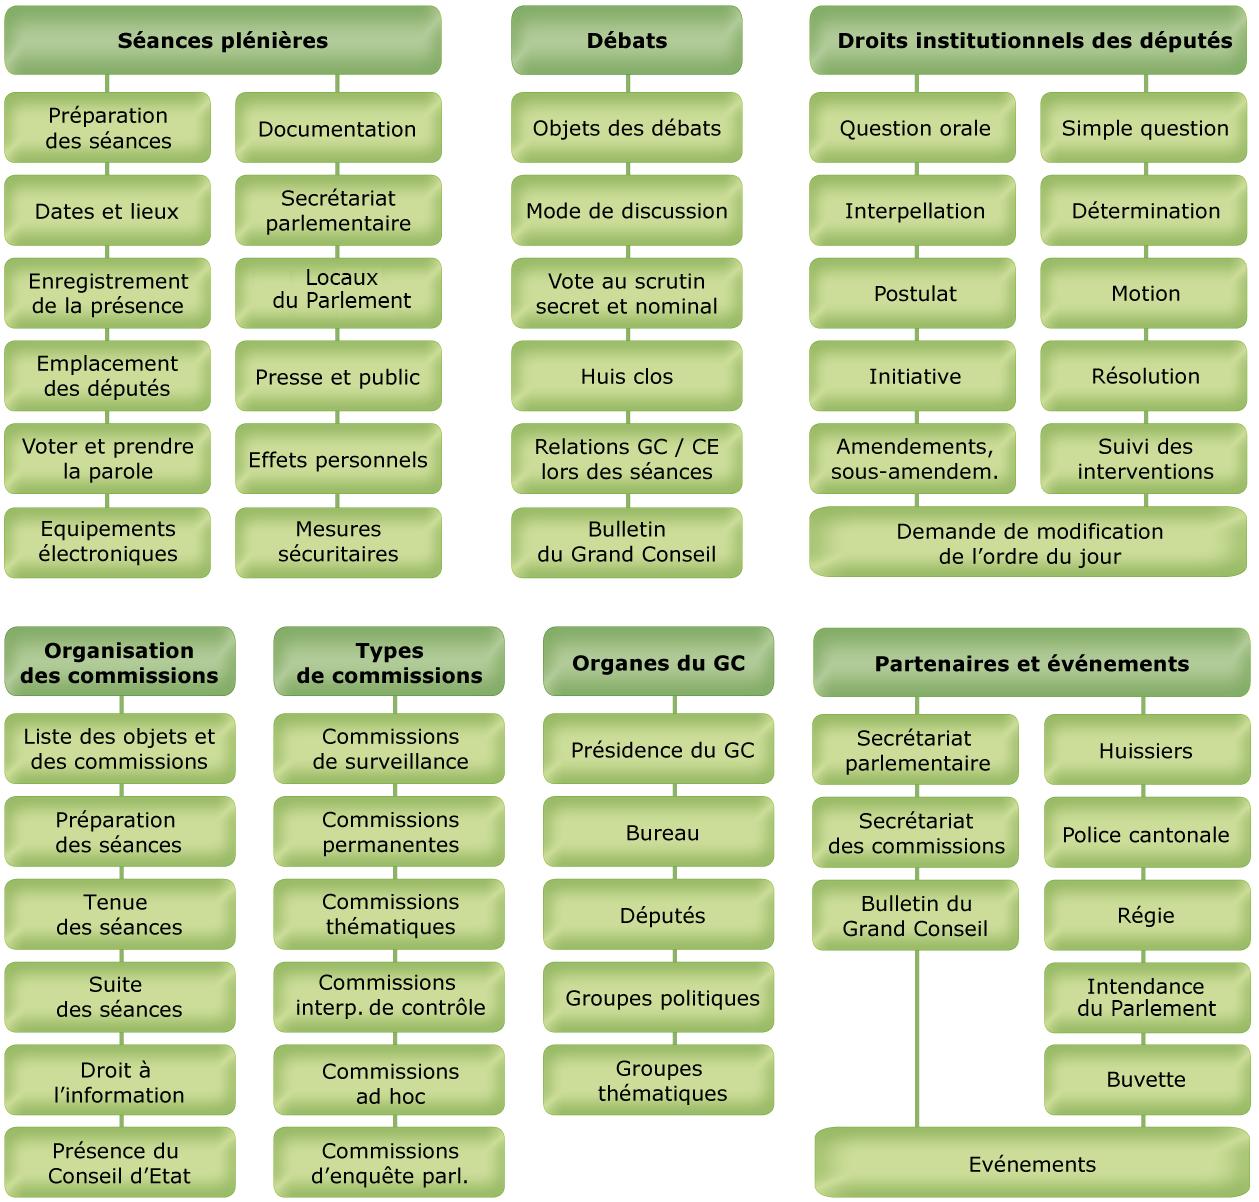 Plan du guide destiné aux députées et députés.